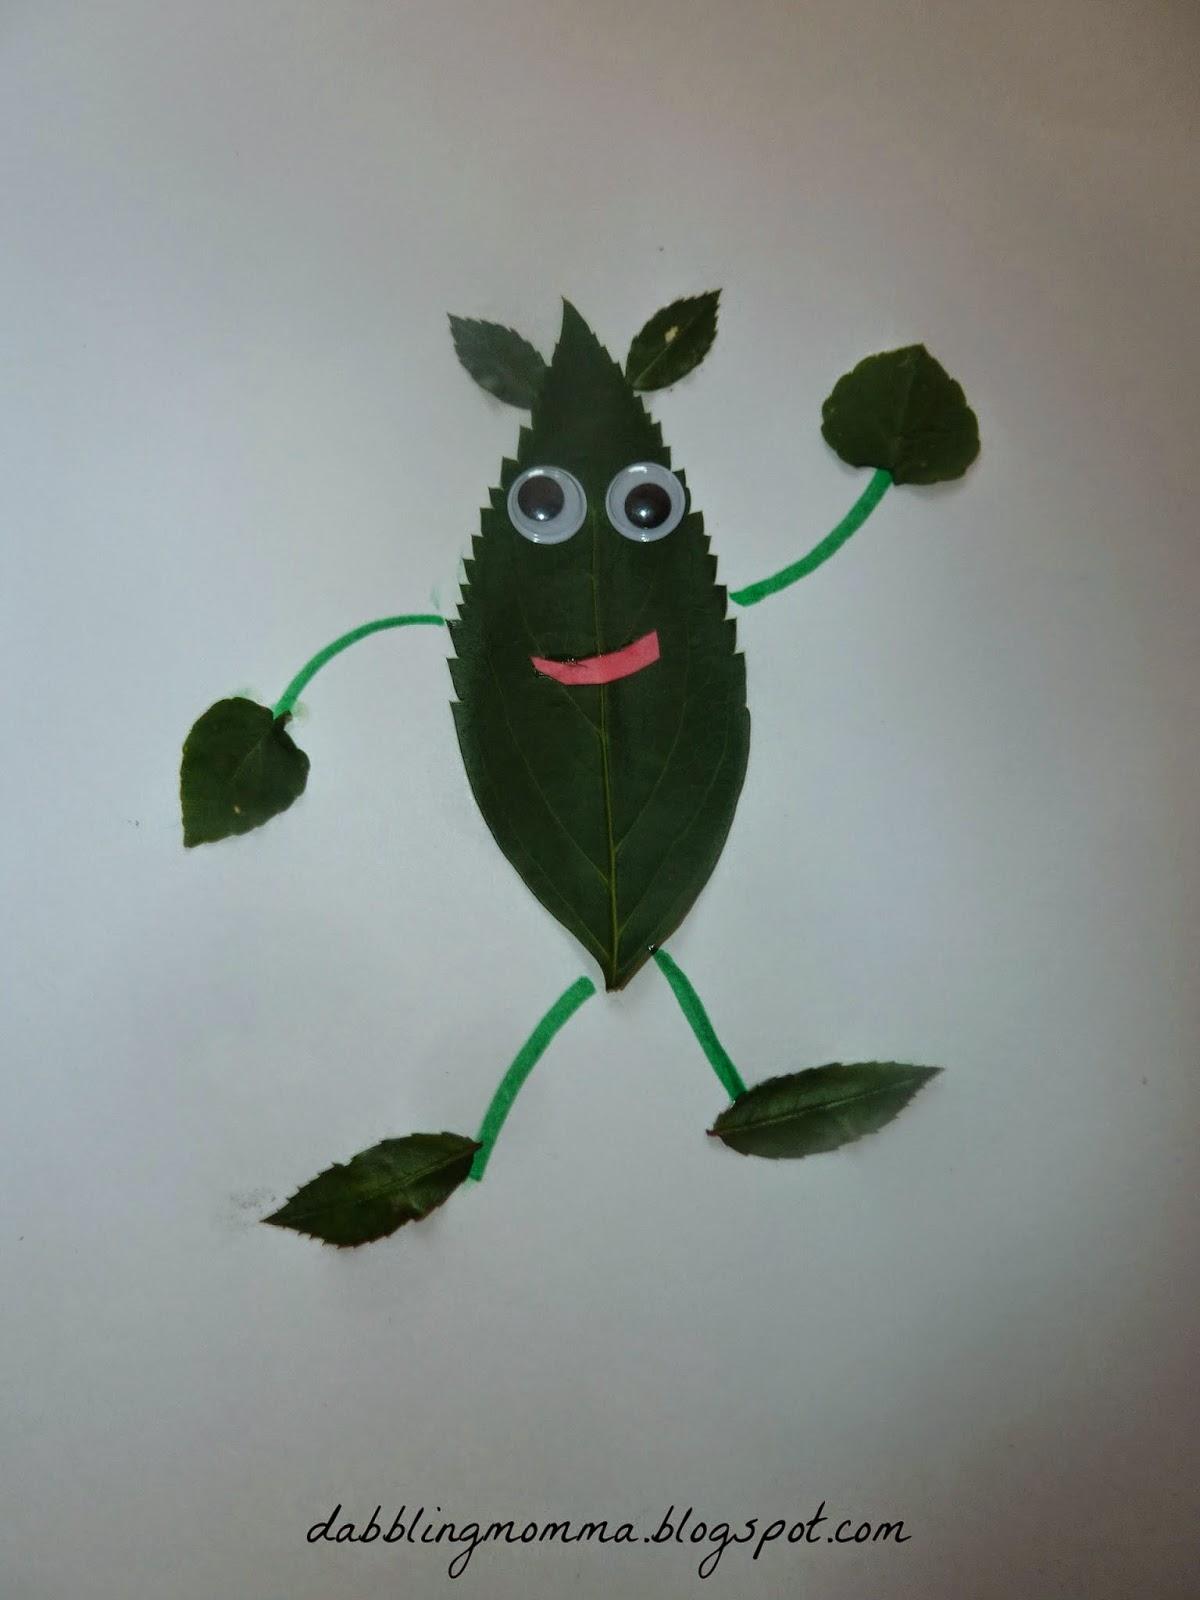 Dabblingmomma Leaf Creatures